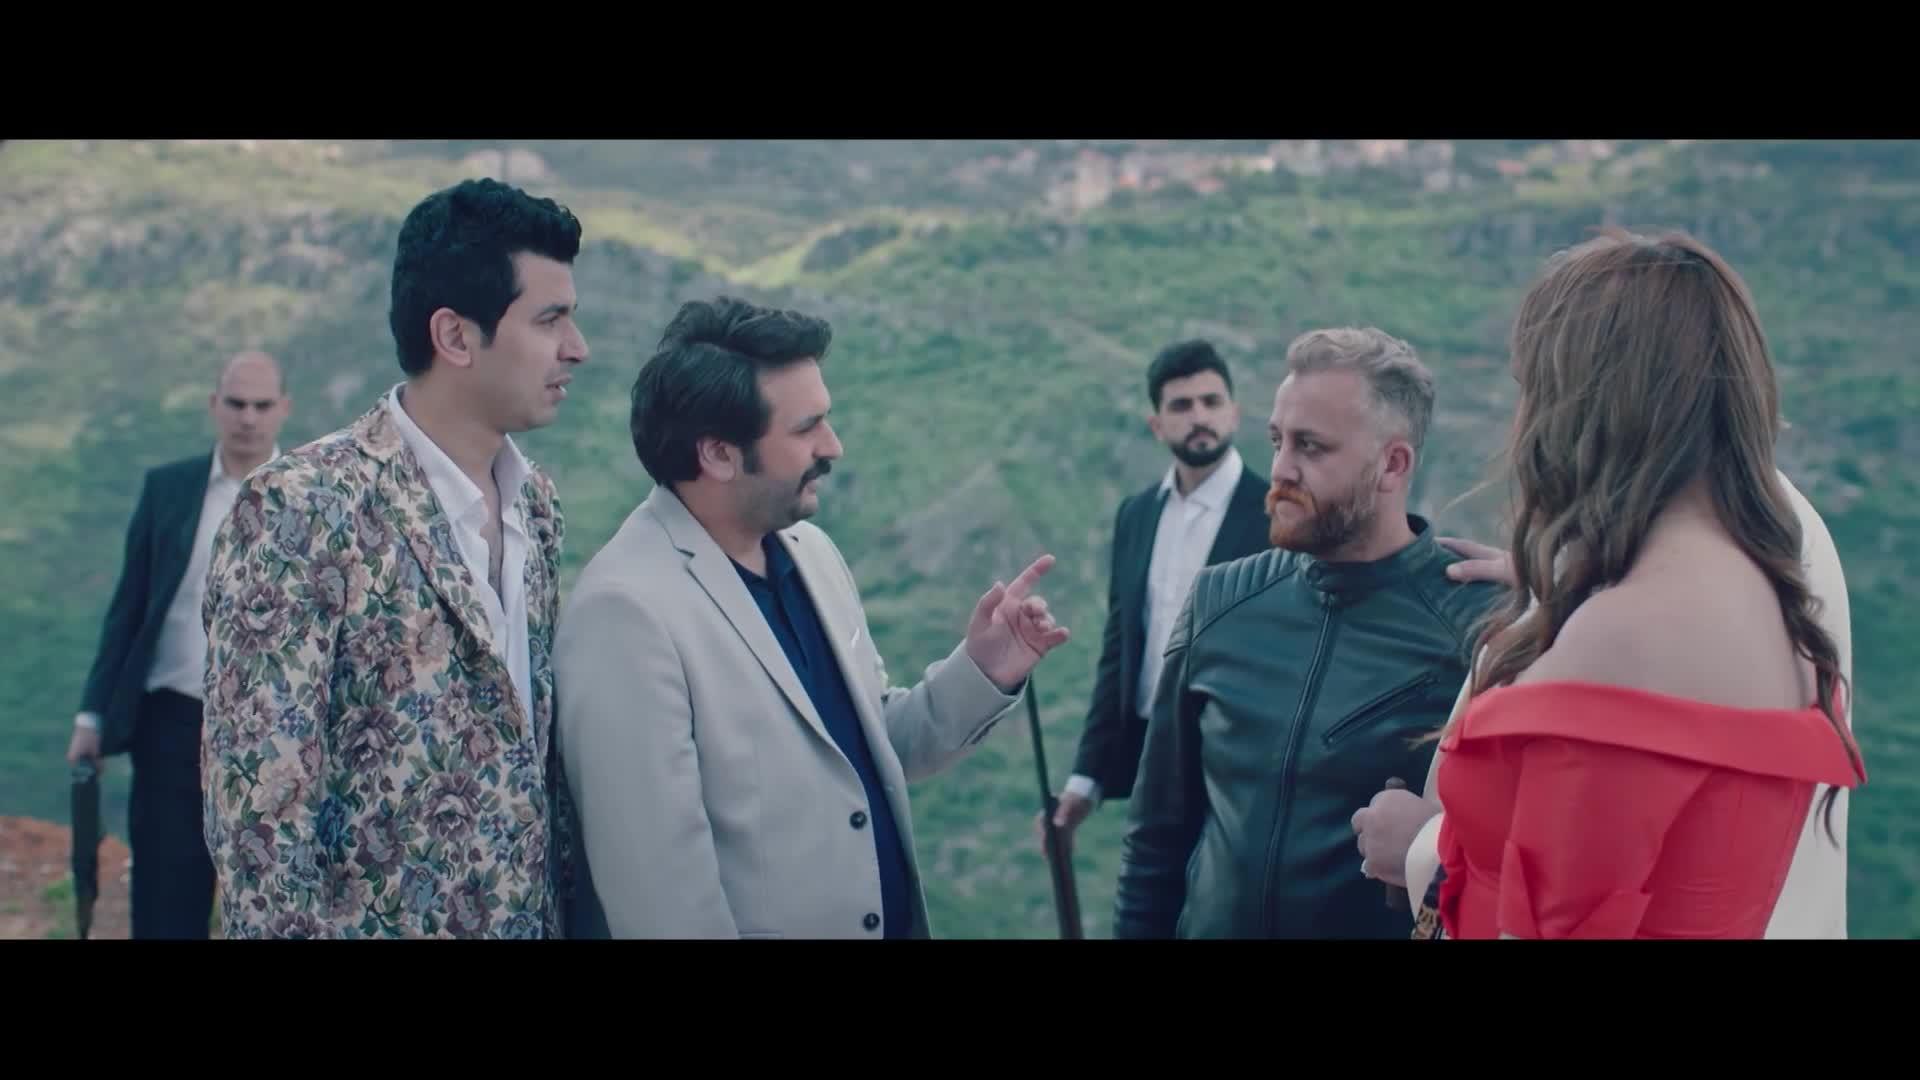 المسلسل المصري طلقة حظ [2019][WEB DL][1080p] تحميل تورنت 25 arabp2p.com